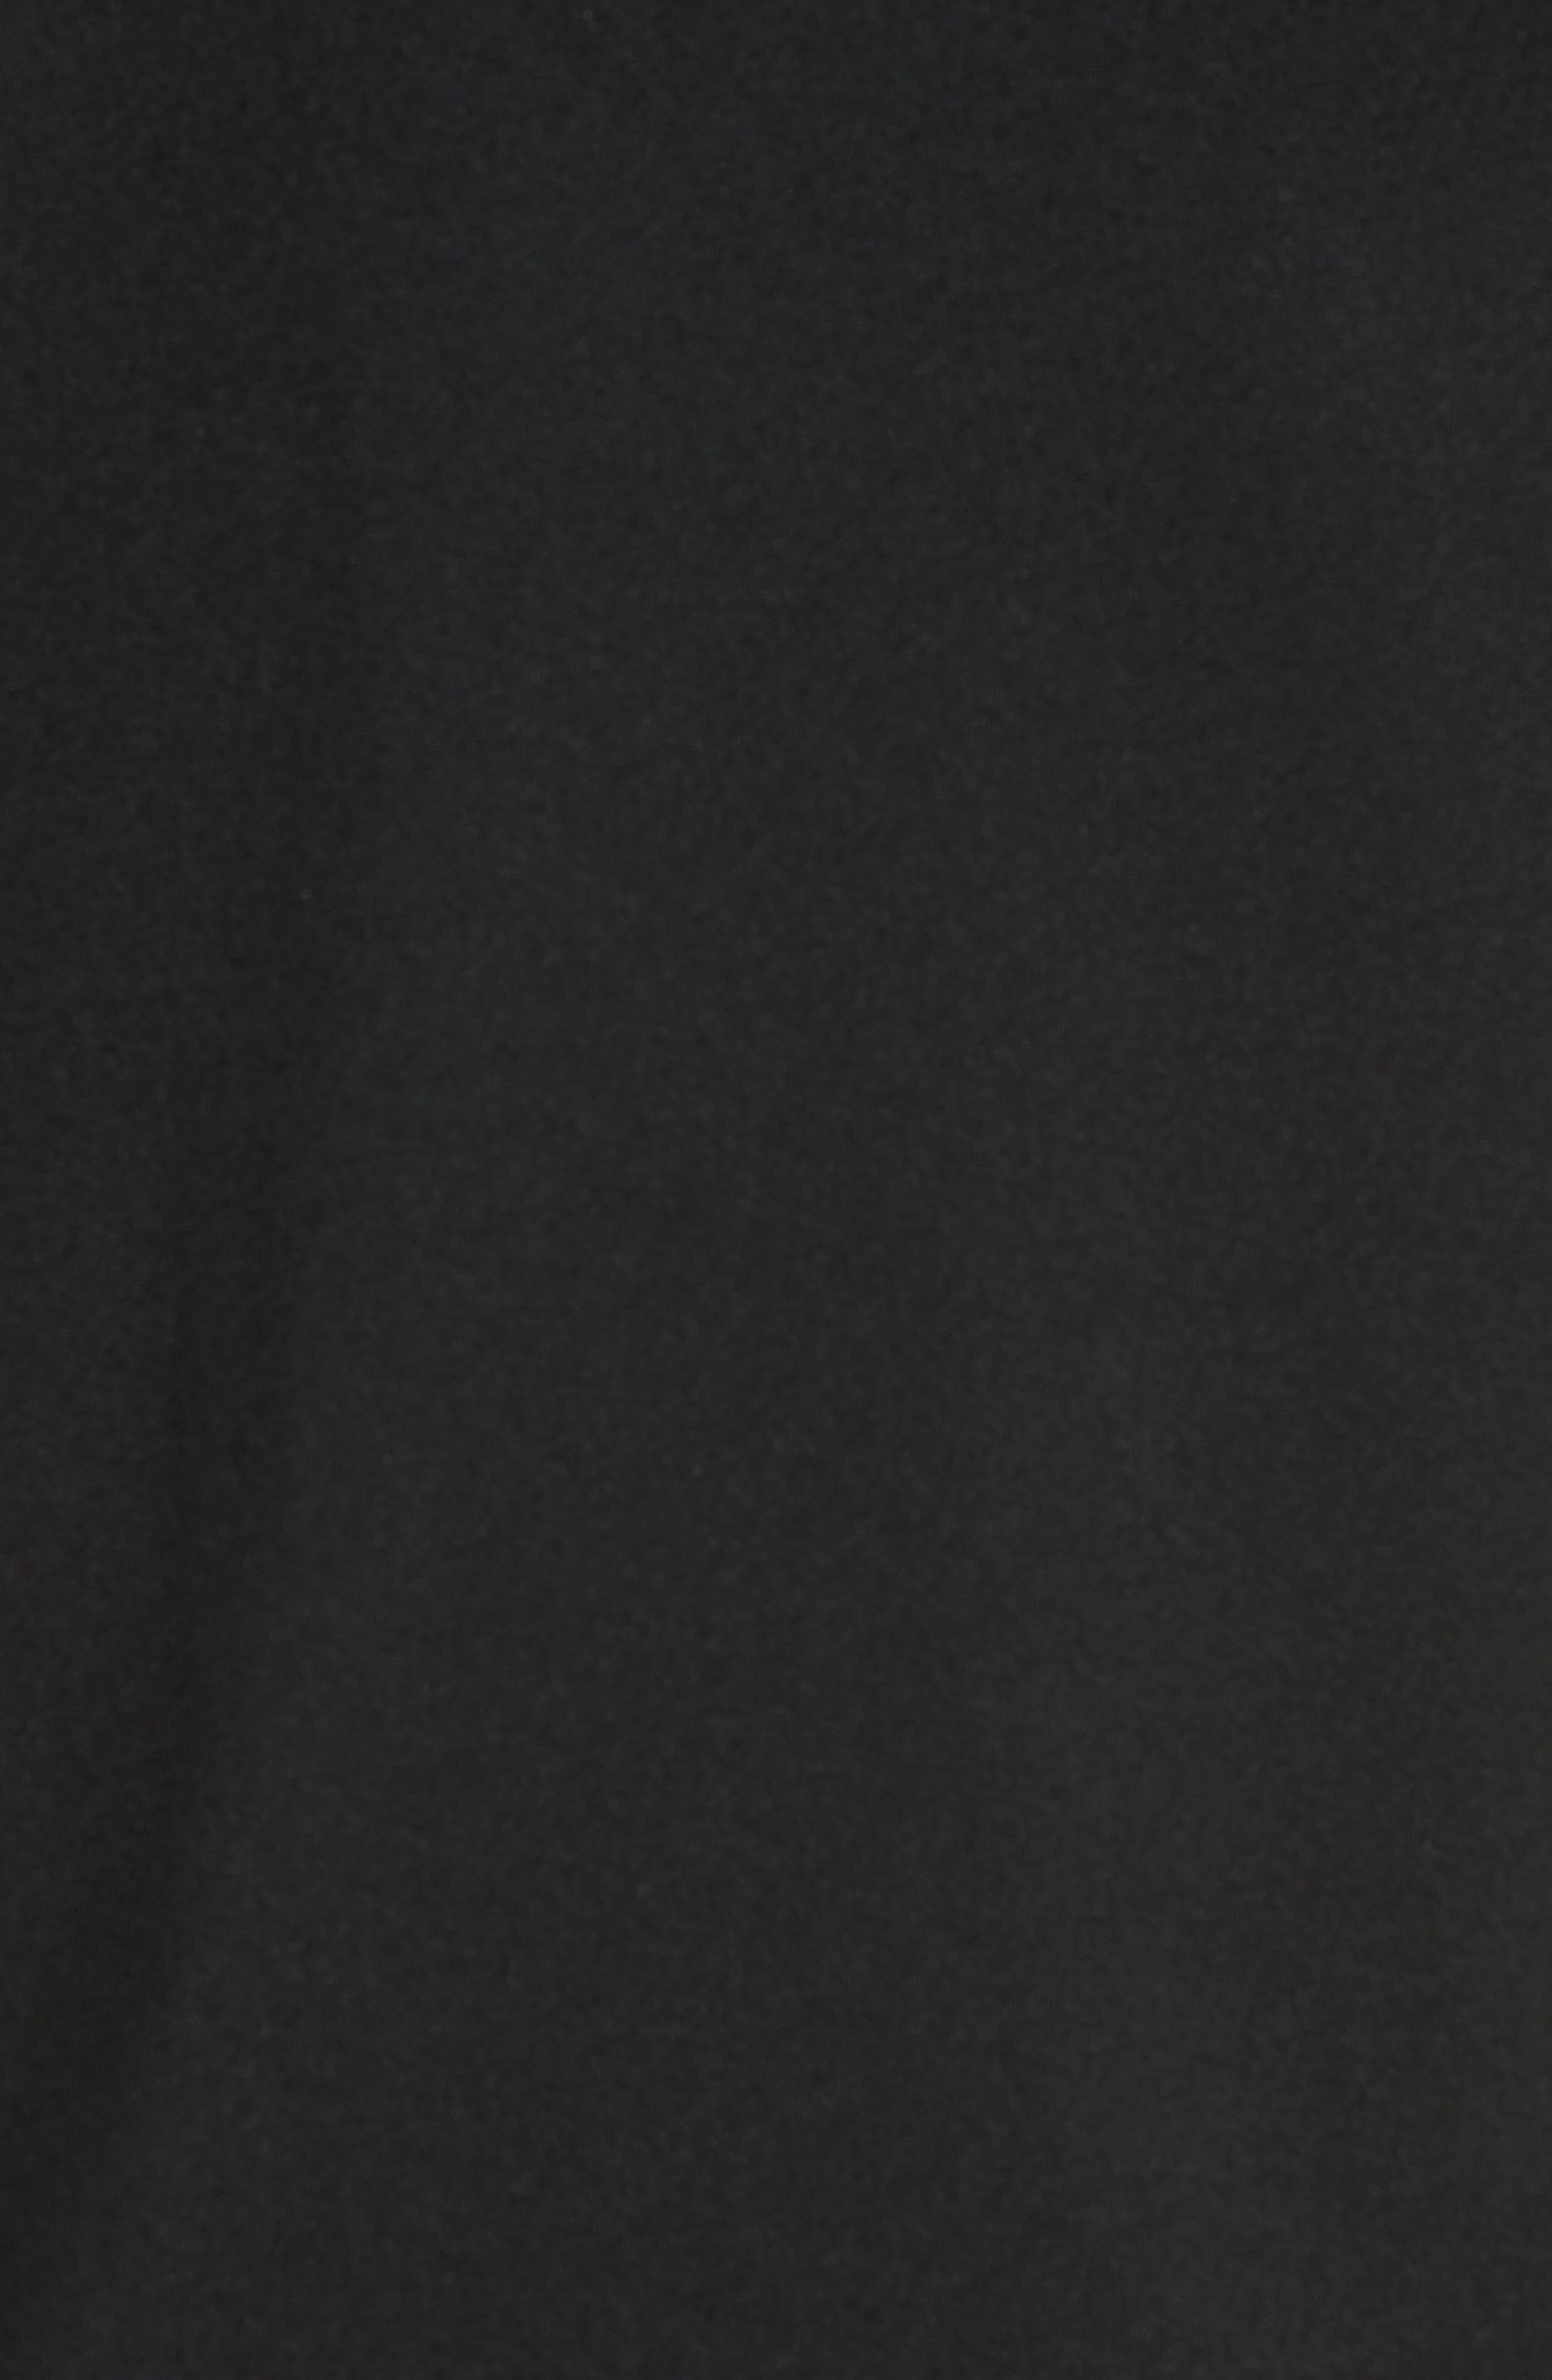 Piqué T-Shirt,                             Alternate thumbnail 5, color,                             BLACK/ MARINO/ WHITE